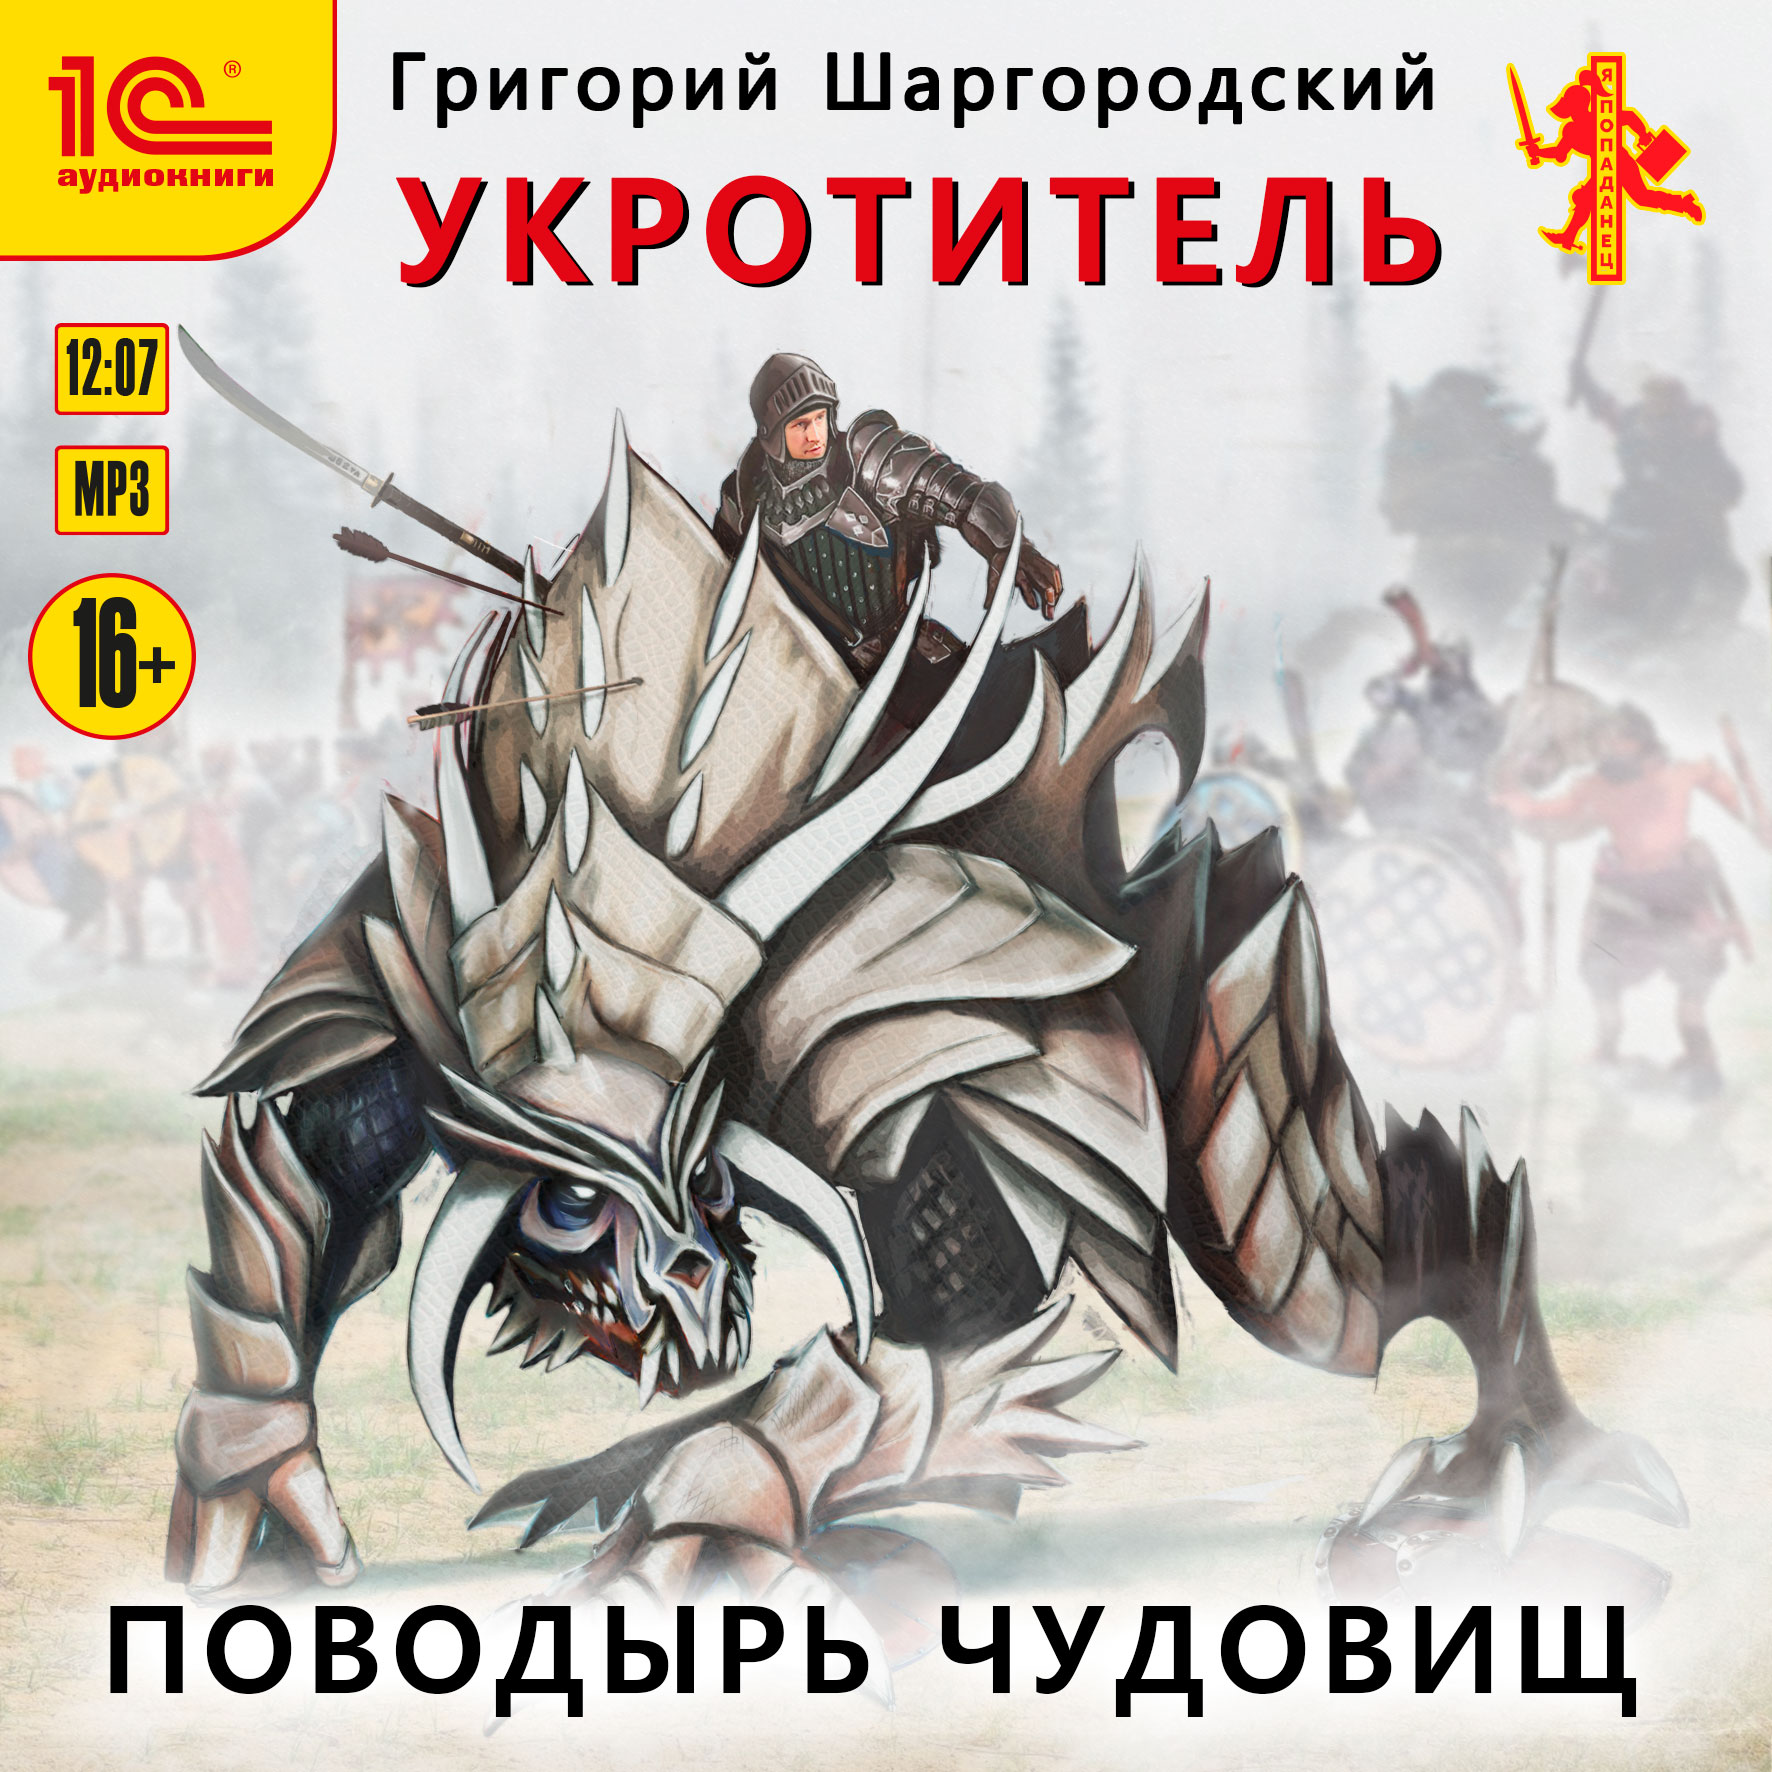 григорий шаргородский все книги по сериям читать